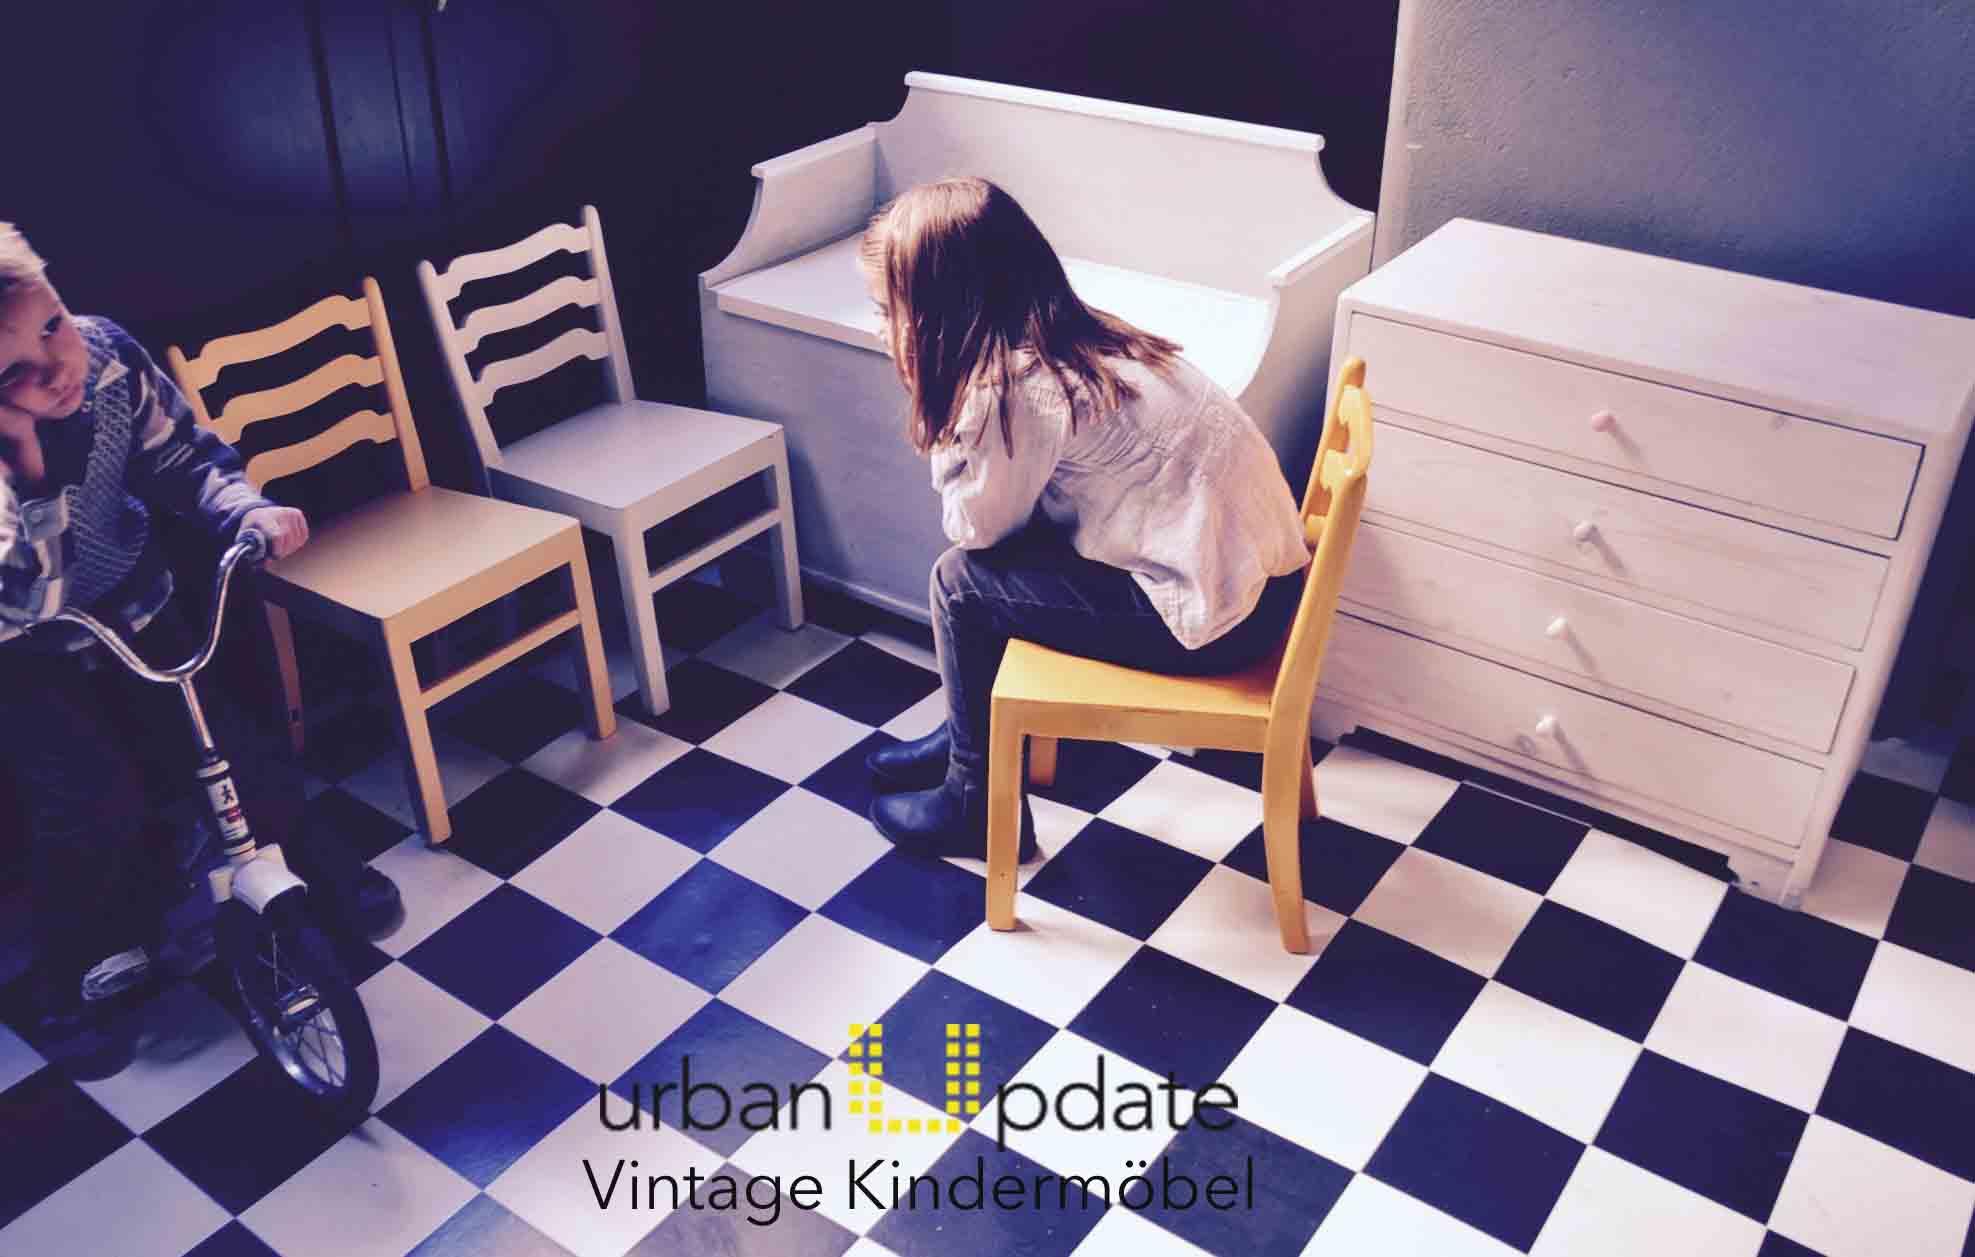 Urbanudpate Vintage Kindermöbel